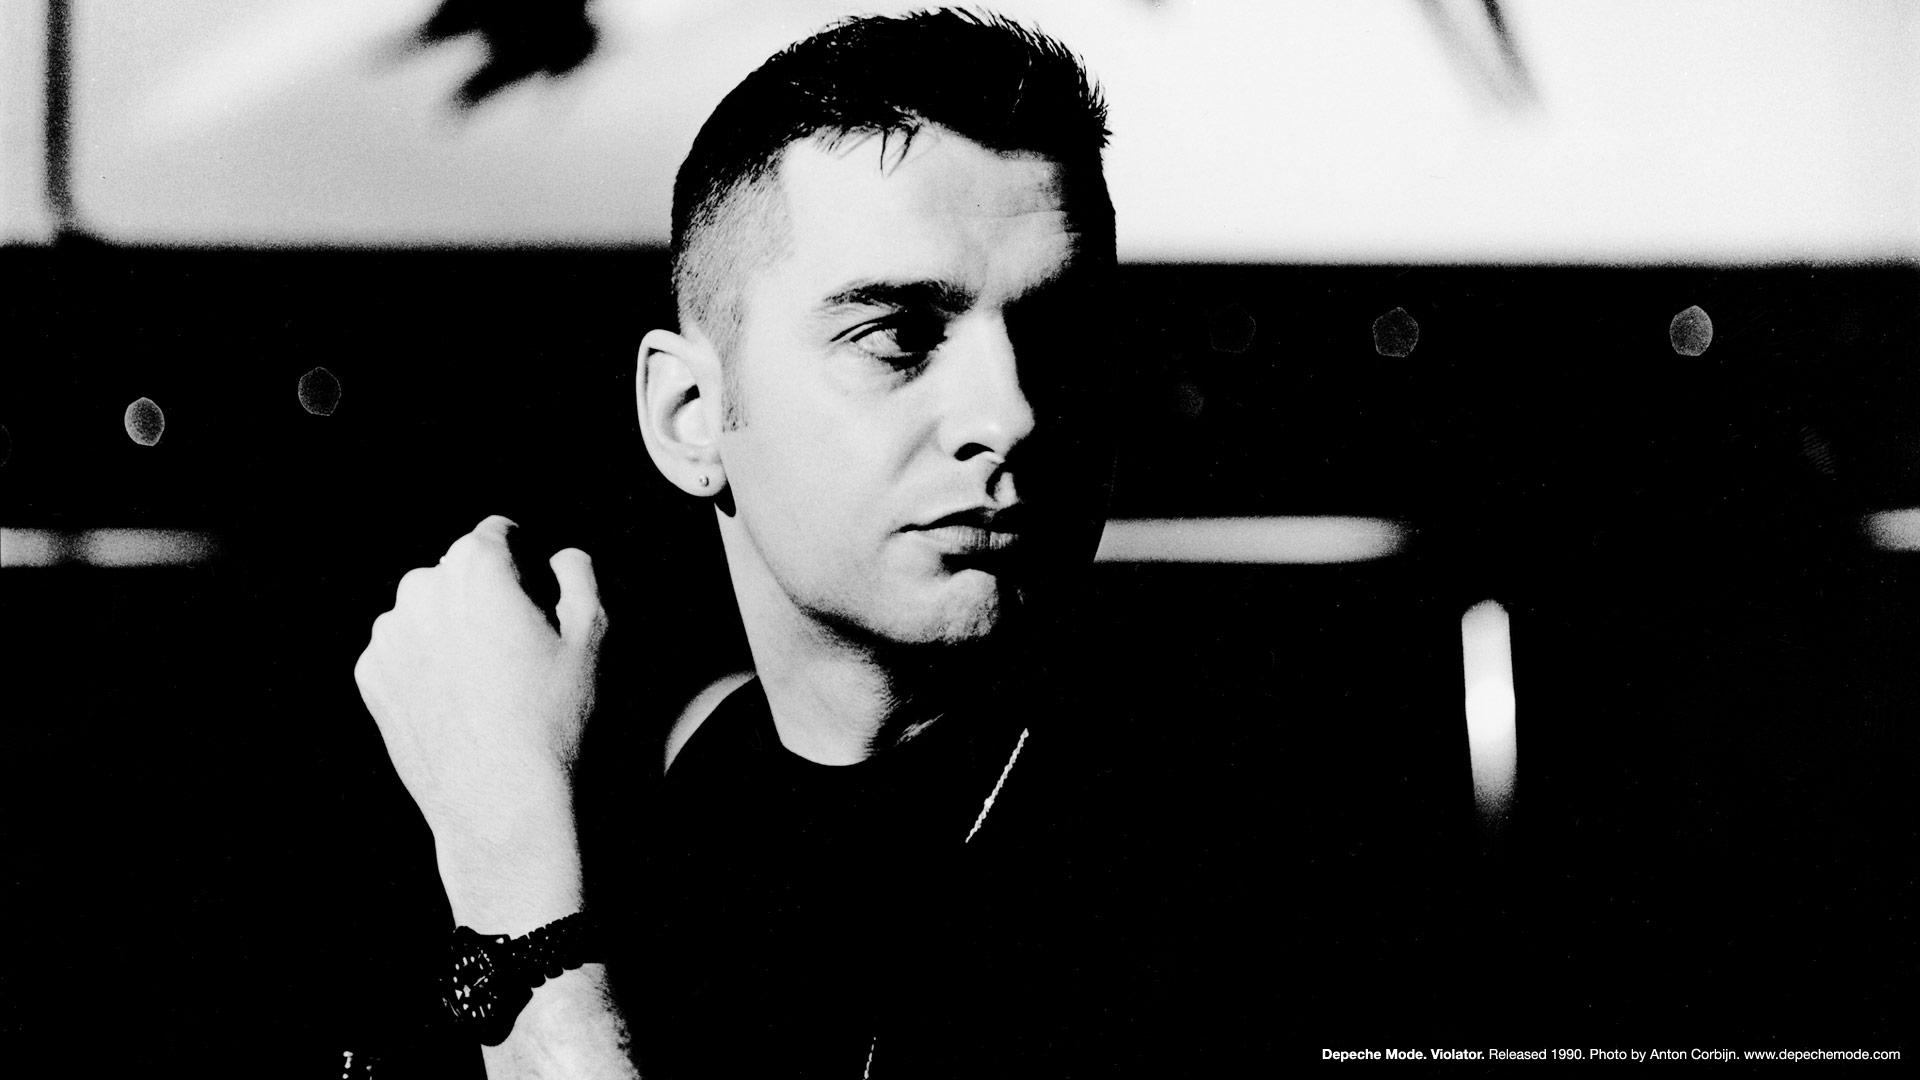 Depeche Mode - Speak & Spell (Collectors Edition)